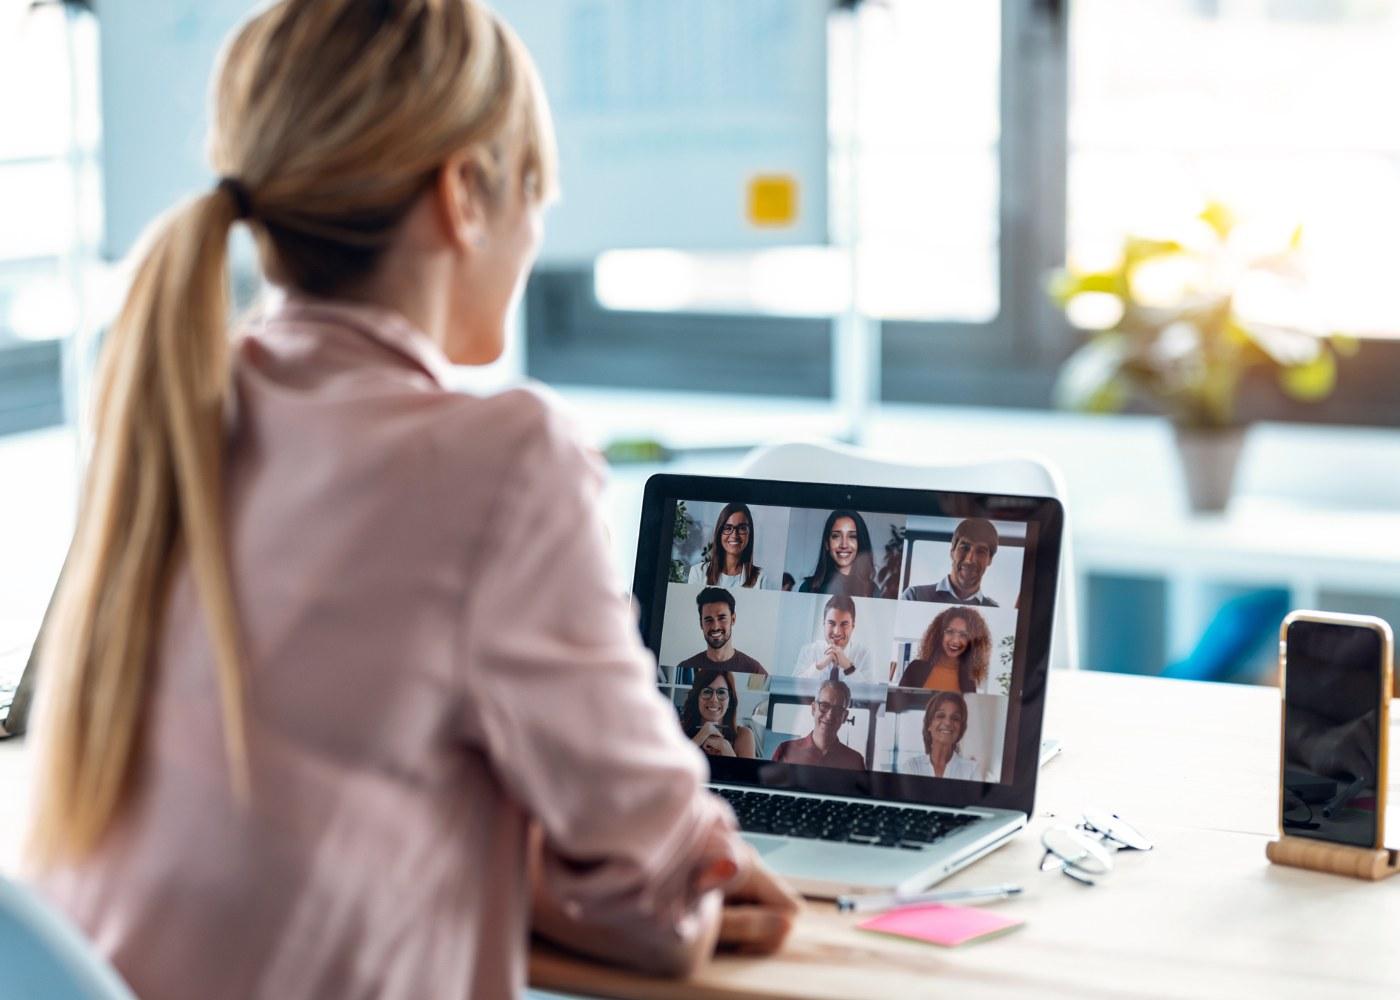 equipa a realizar uma dinâmica de grupo online